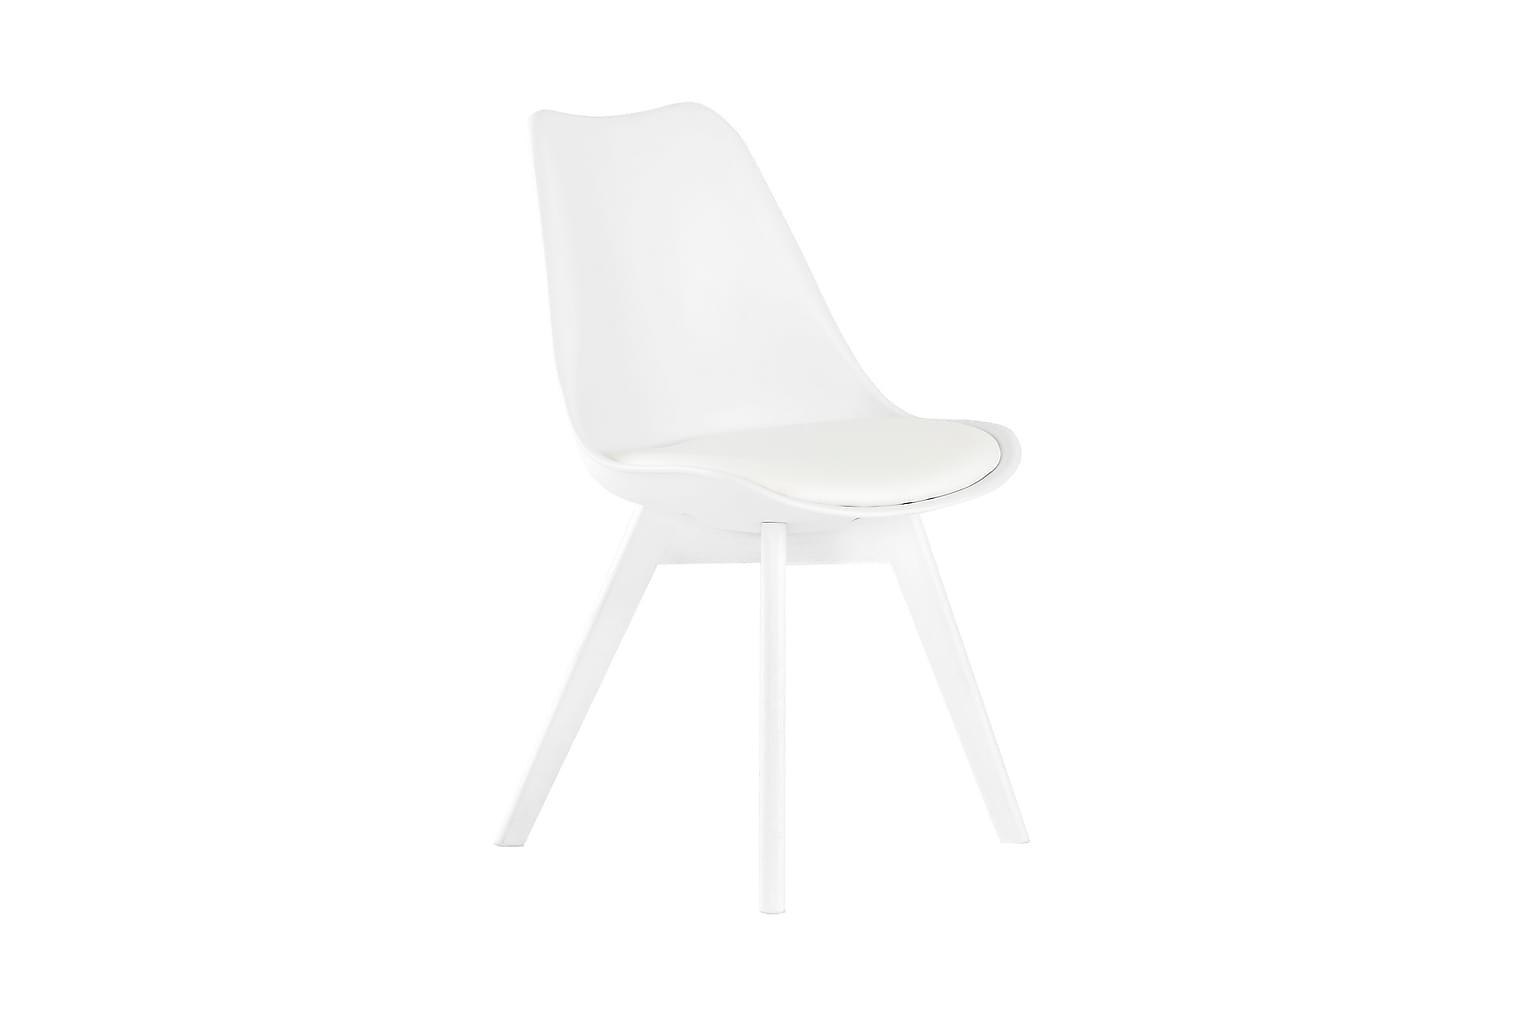 PEACE Tuoli Valkoinen/Valkoinen